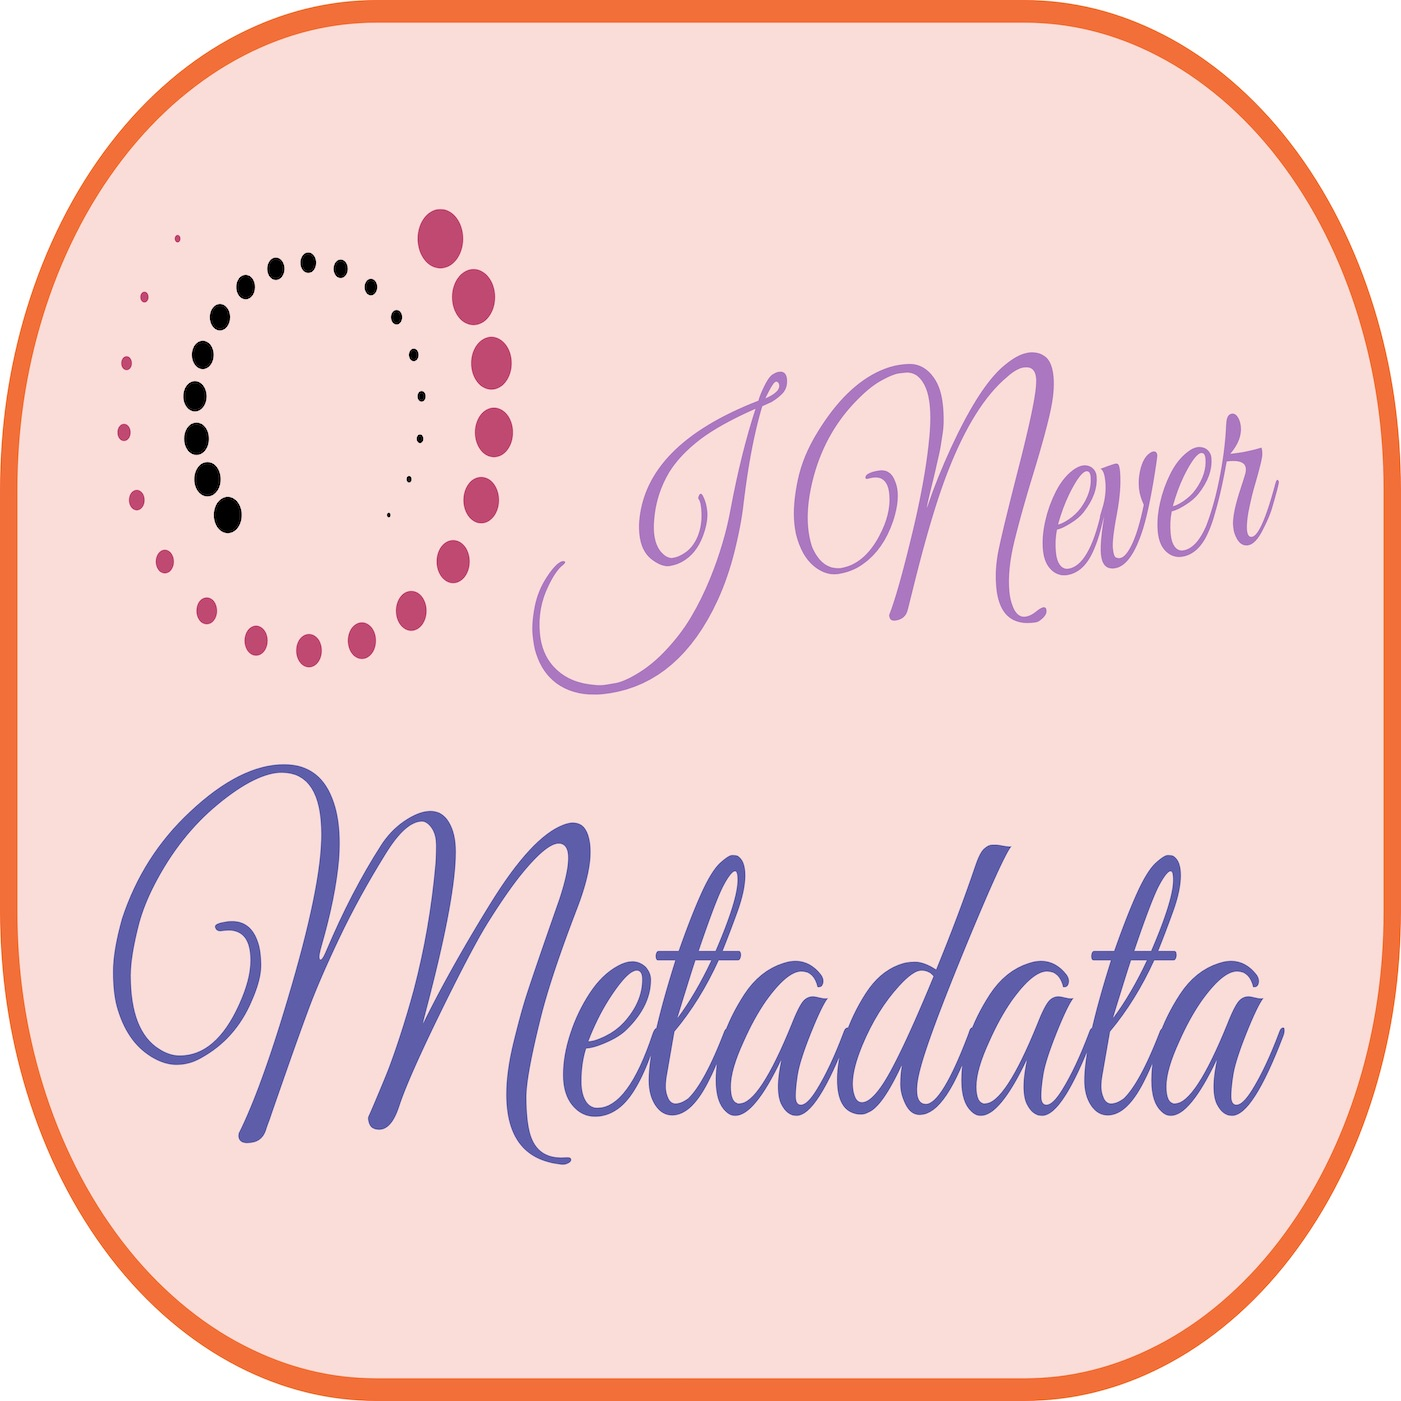 I Never Metadata